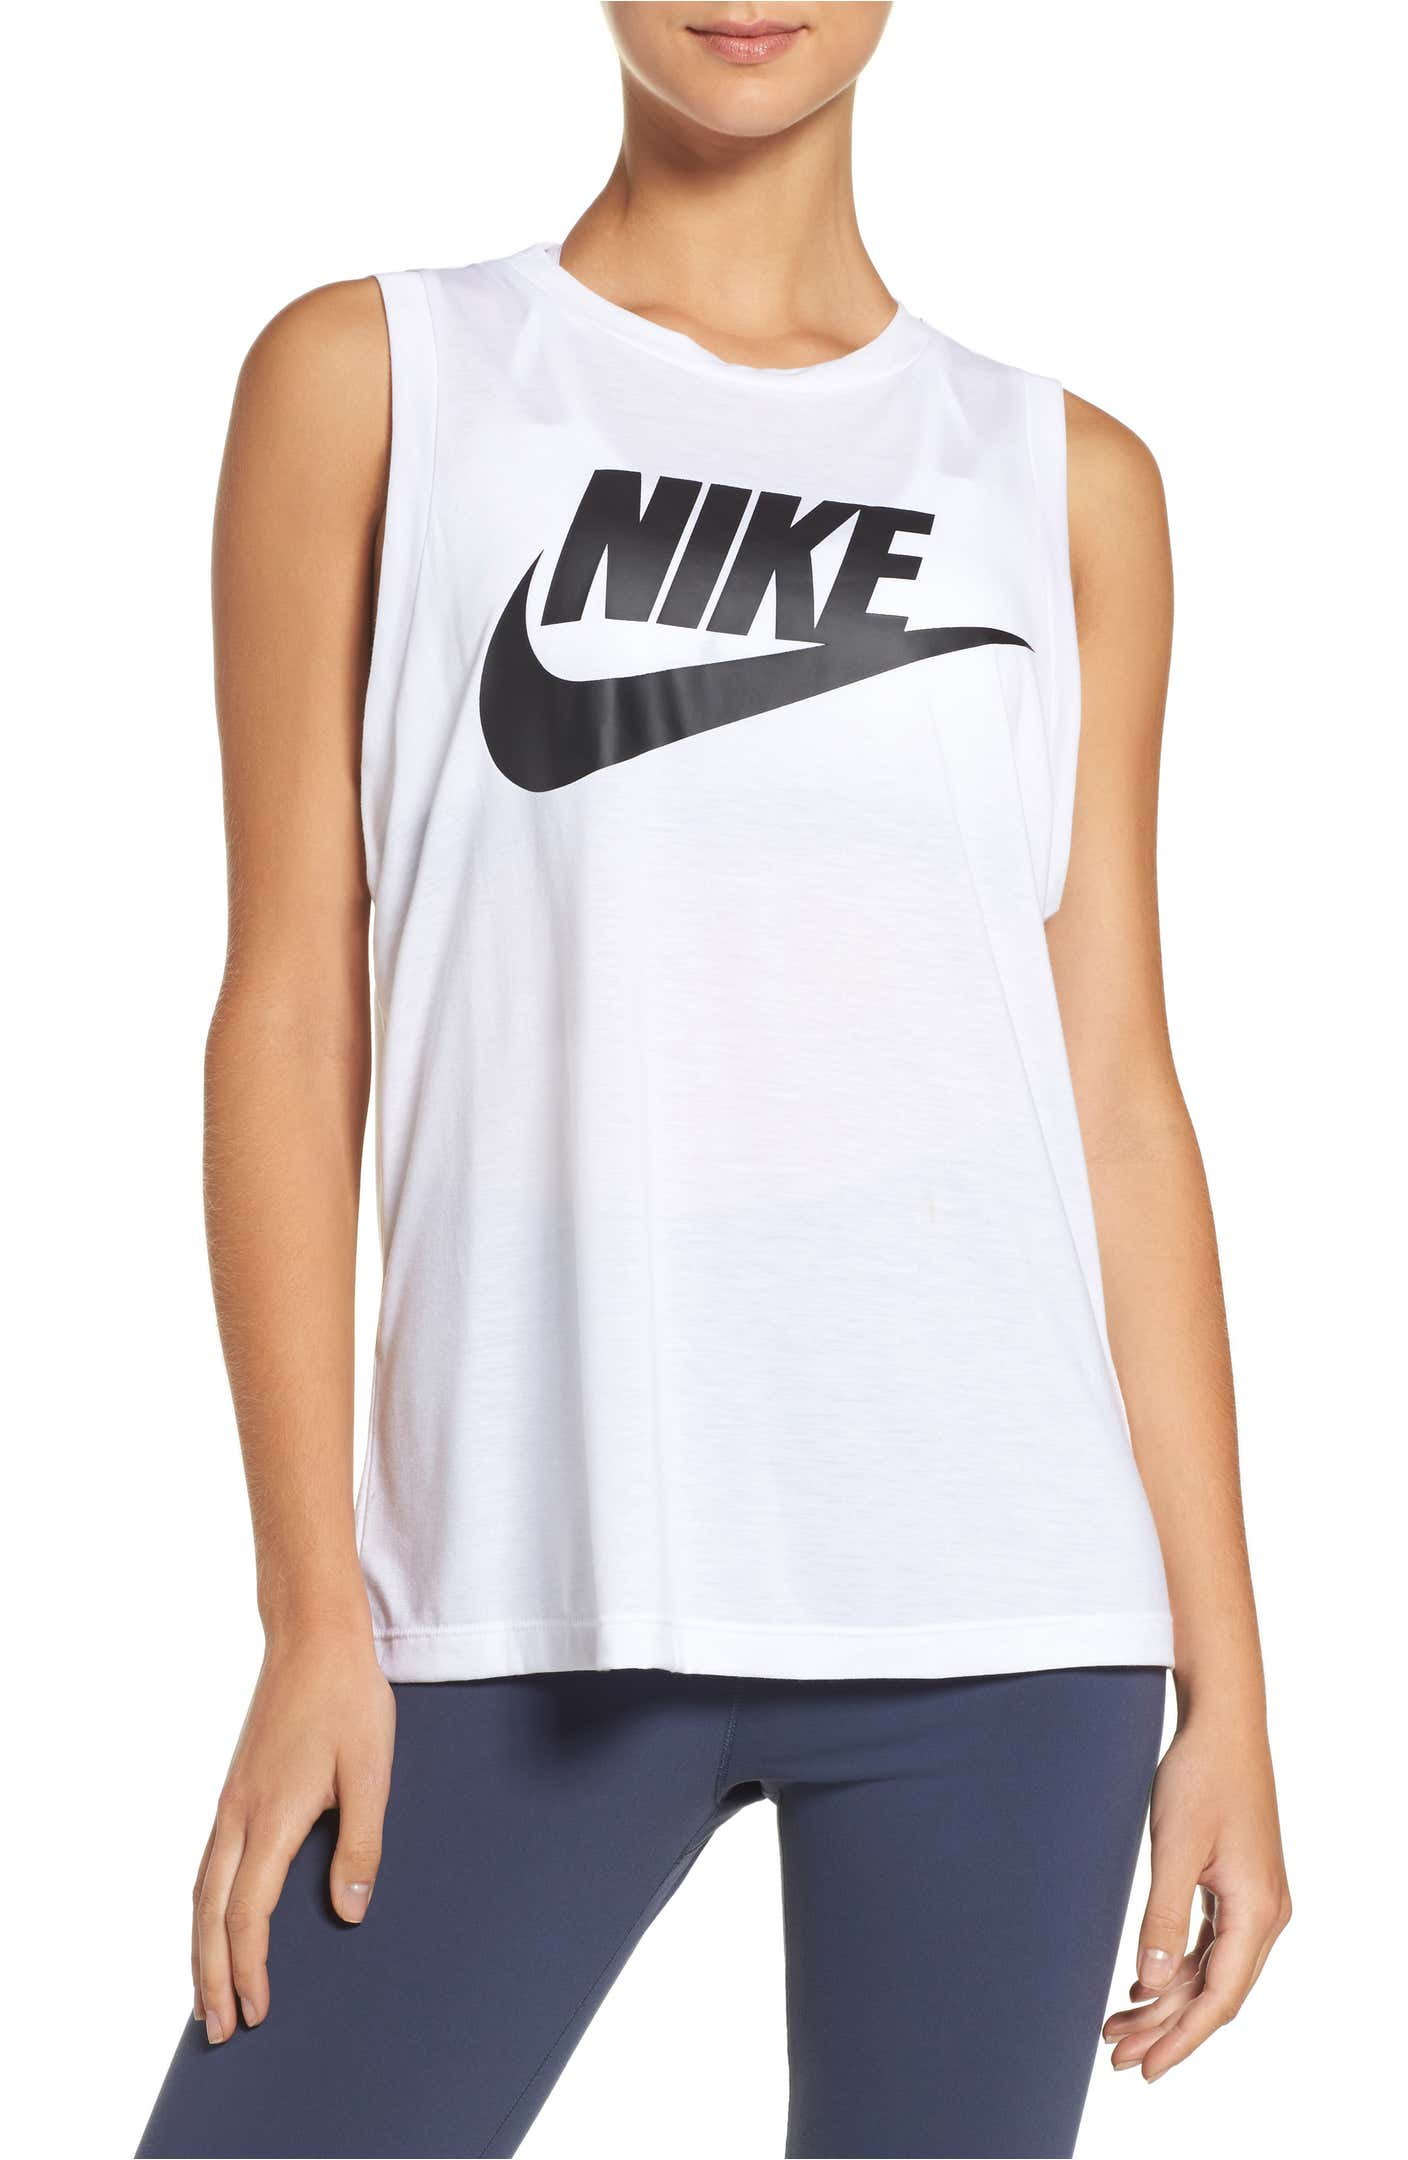 现在流行运动风!Nike女士经典运动服高达50%off!